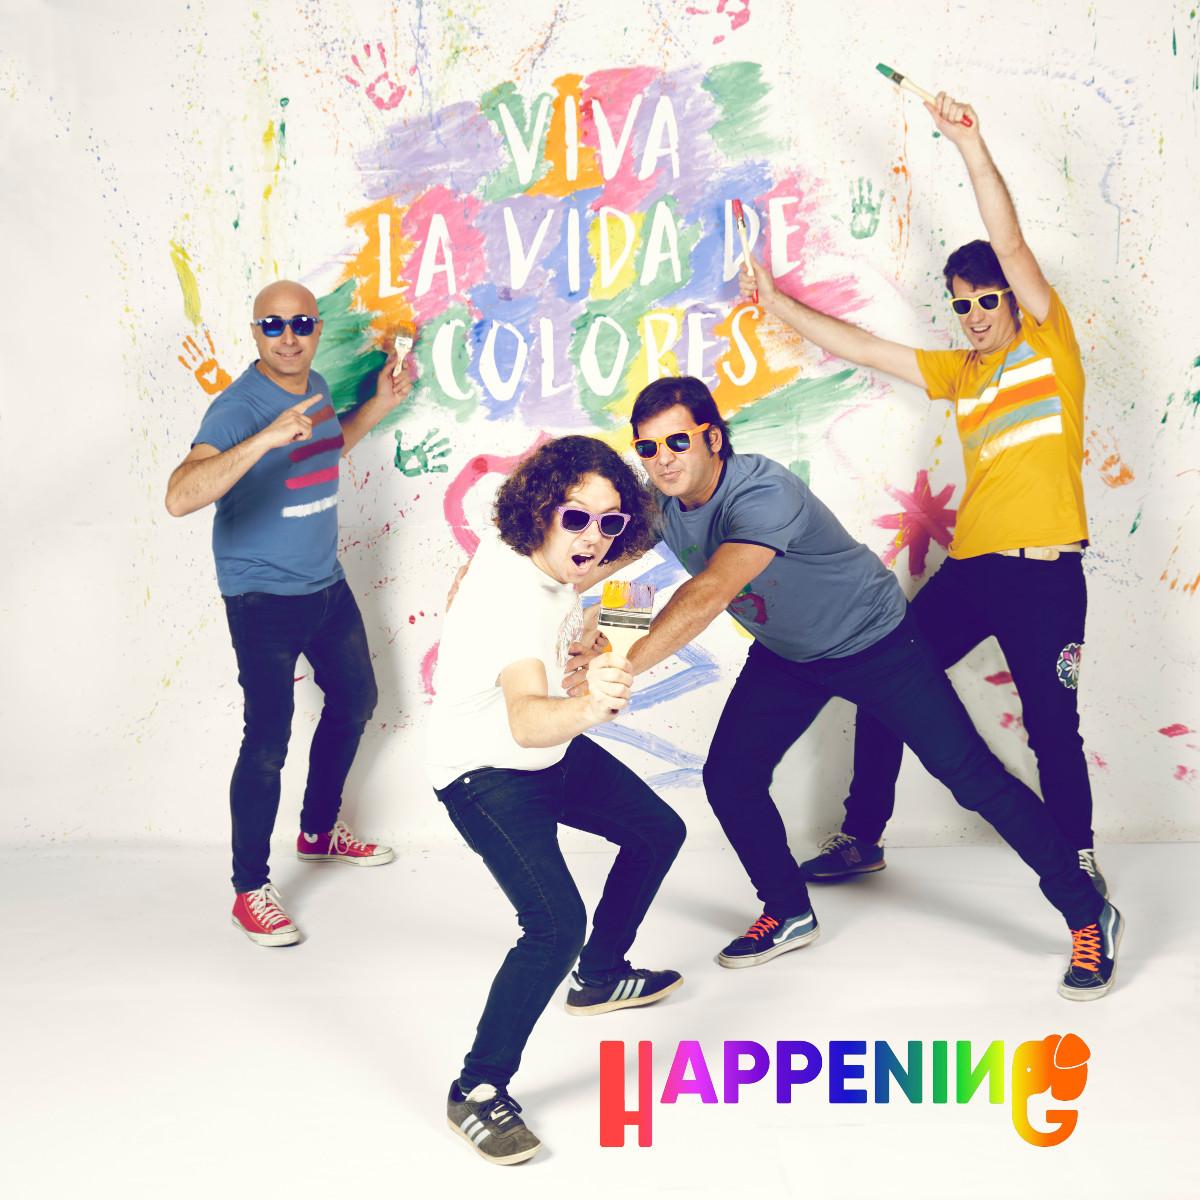 Happening - Viva la vida de colores, portada